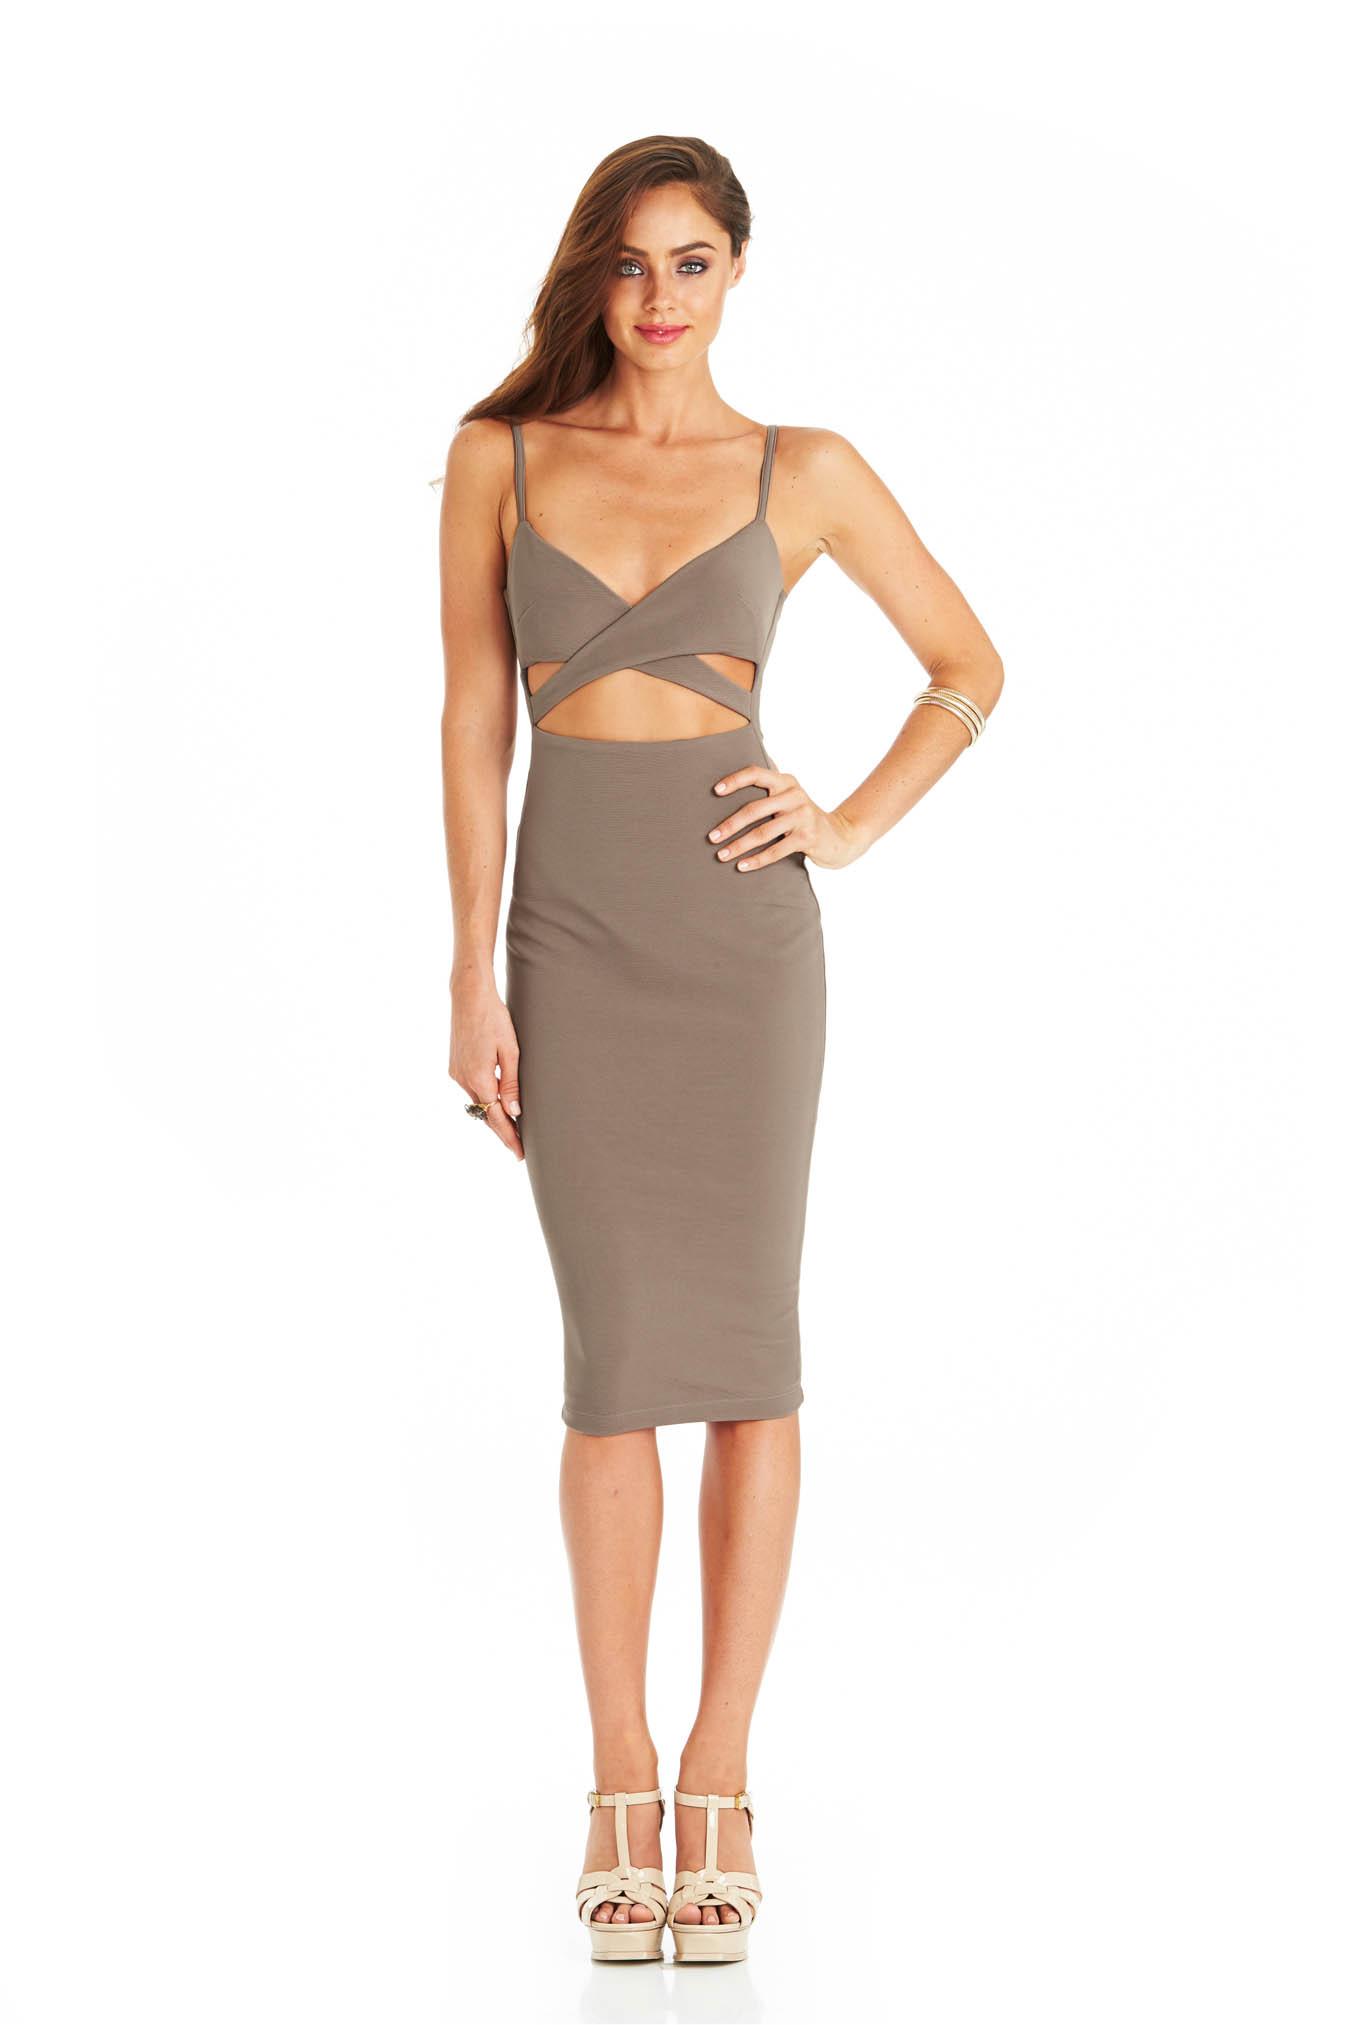 Buy bodycon dresses online